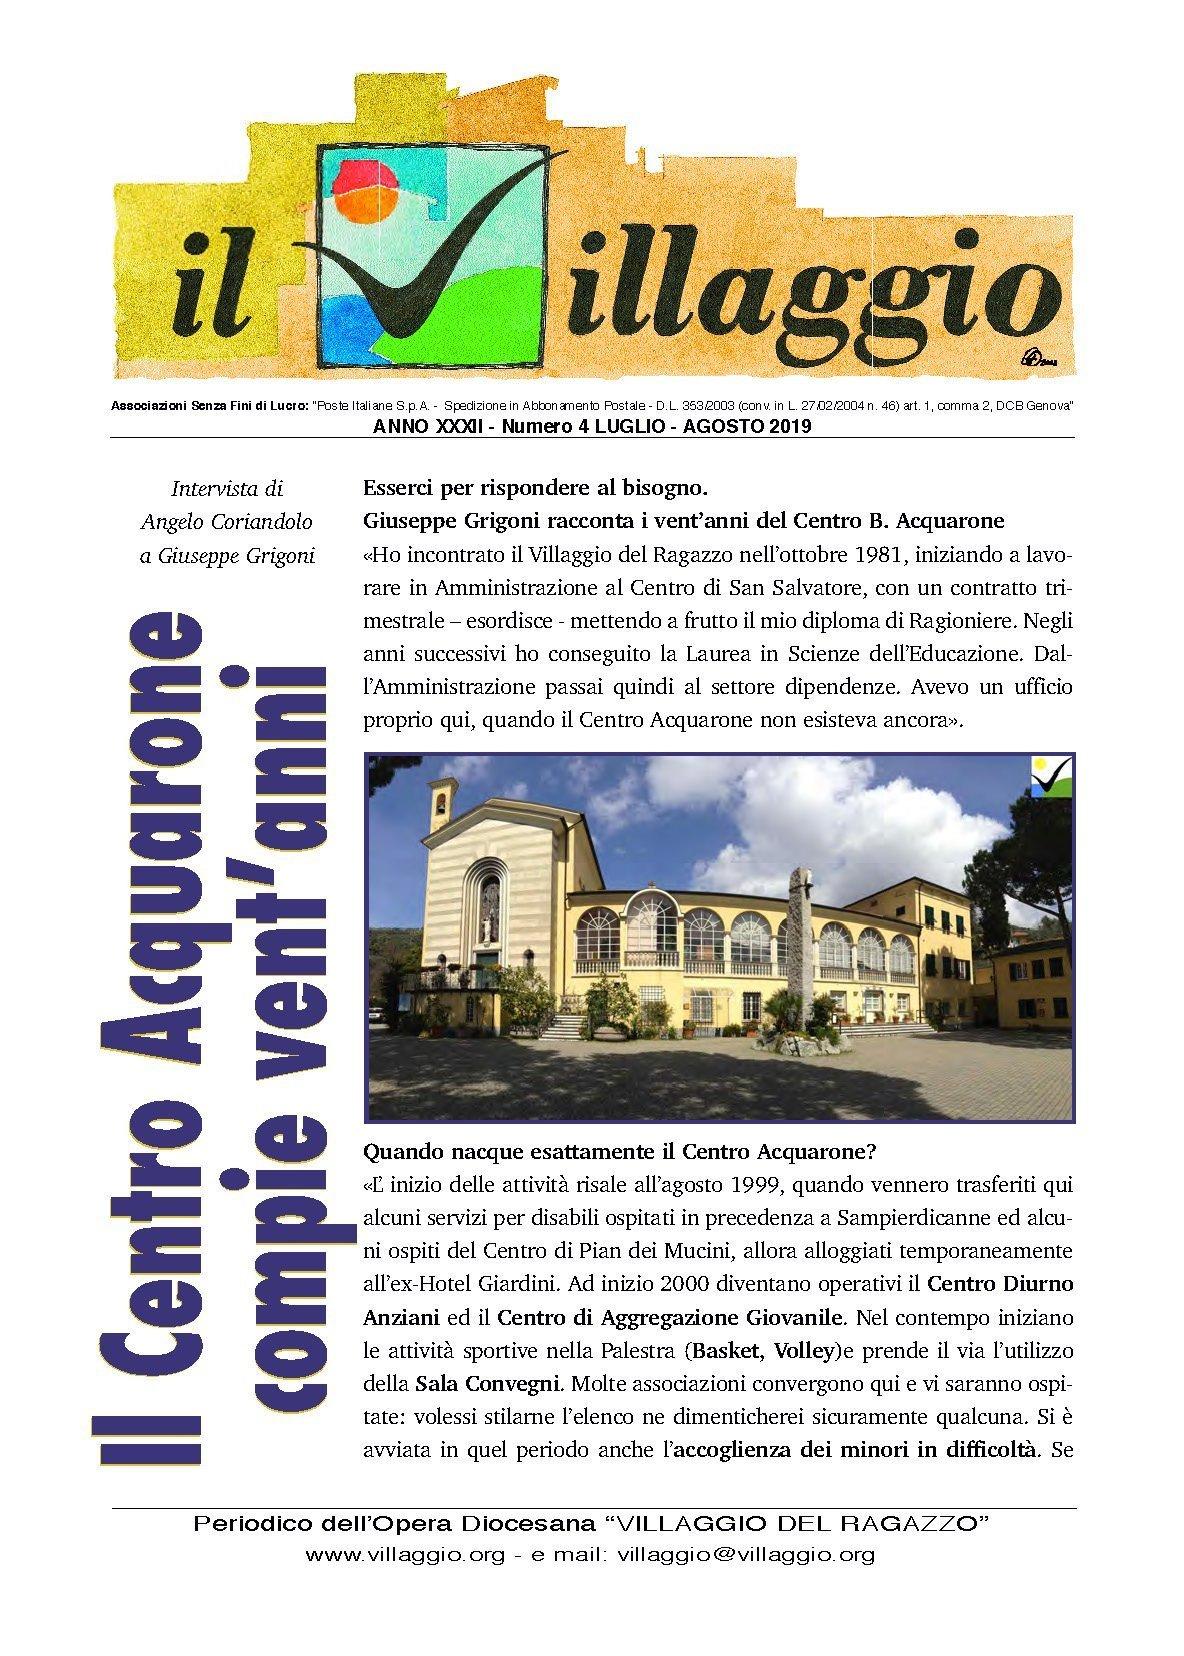 Periodico Il Villaggio - Anno XXXI n°4 luglio-agosto 2019